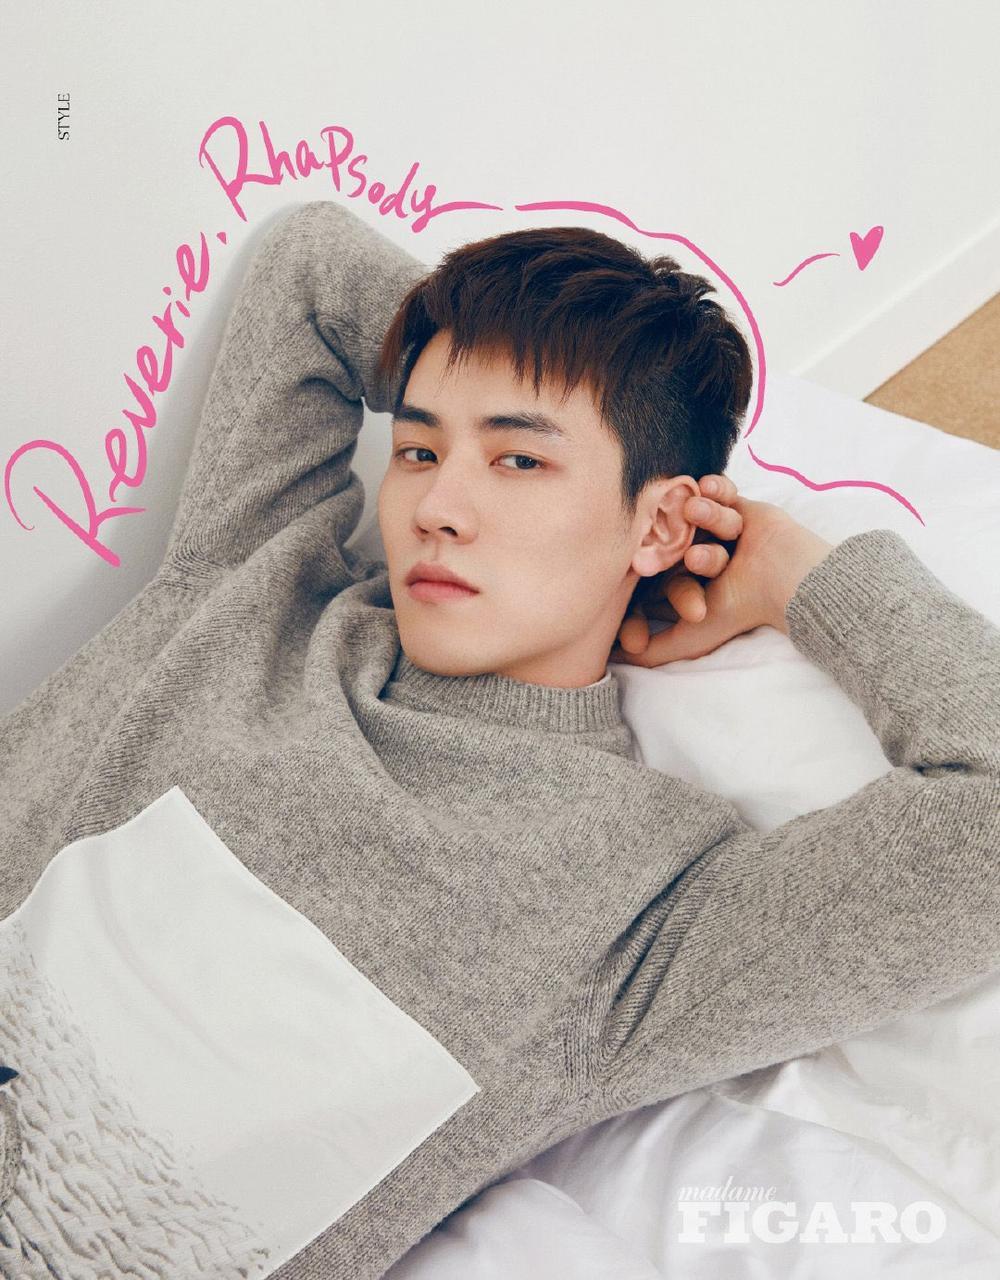 Khi idol Trung Quốc gặp nạn: Phim Tiêu Chiến mãi không được lên sóng, Châu Chấn Nam trở thành 'vật tế' Ảnh 4